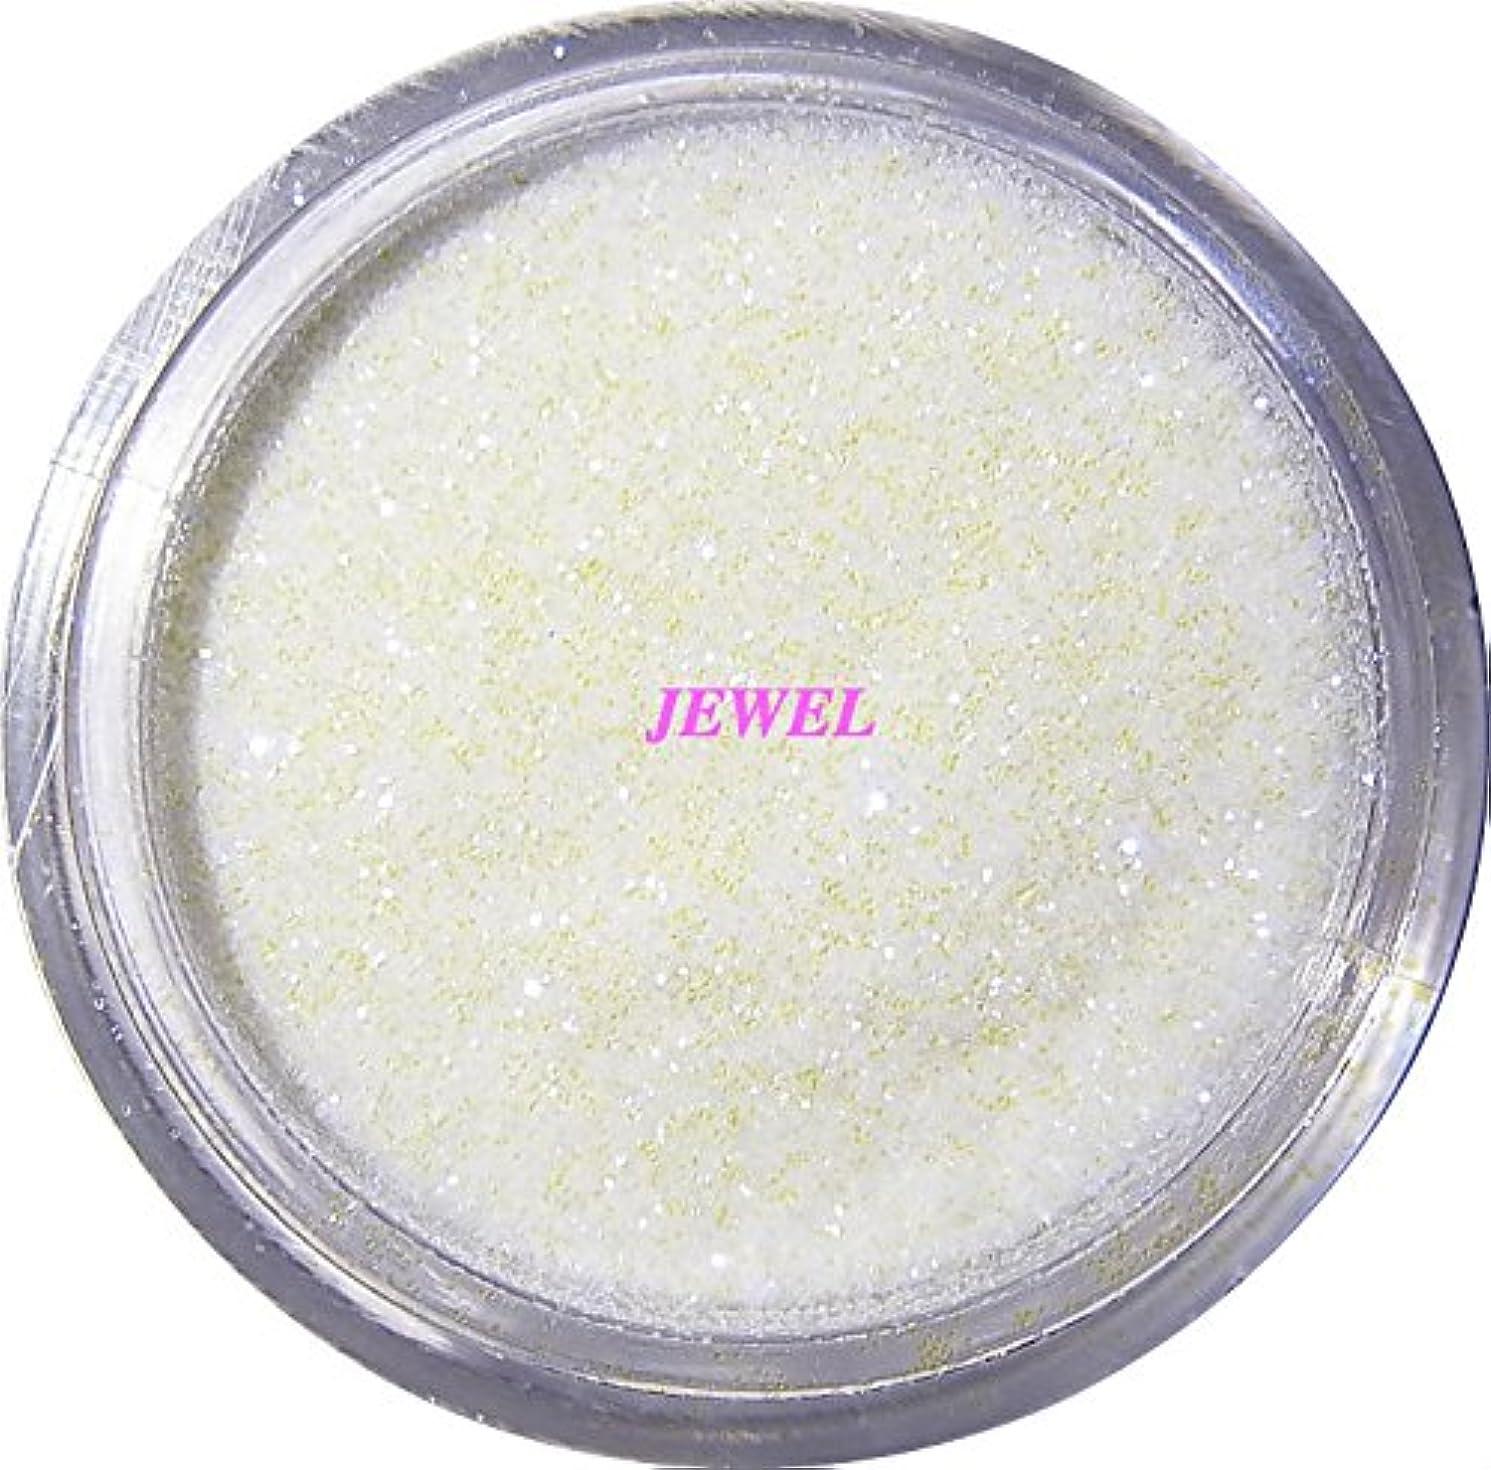 に慣れシード紀元前【jewel】 超微粒子ラメパウダー(白/パールホワイト) 256/1サイズ 2g入り グリッター レジン&ネイル用